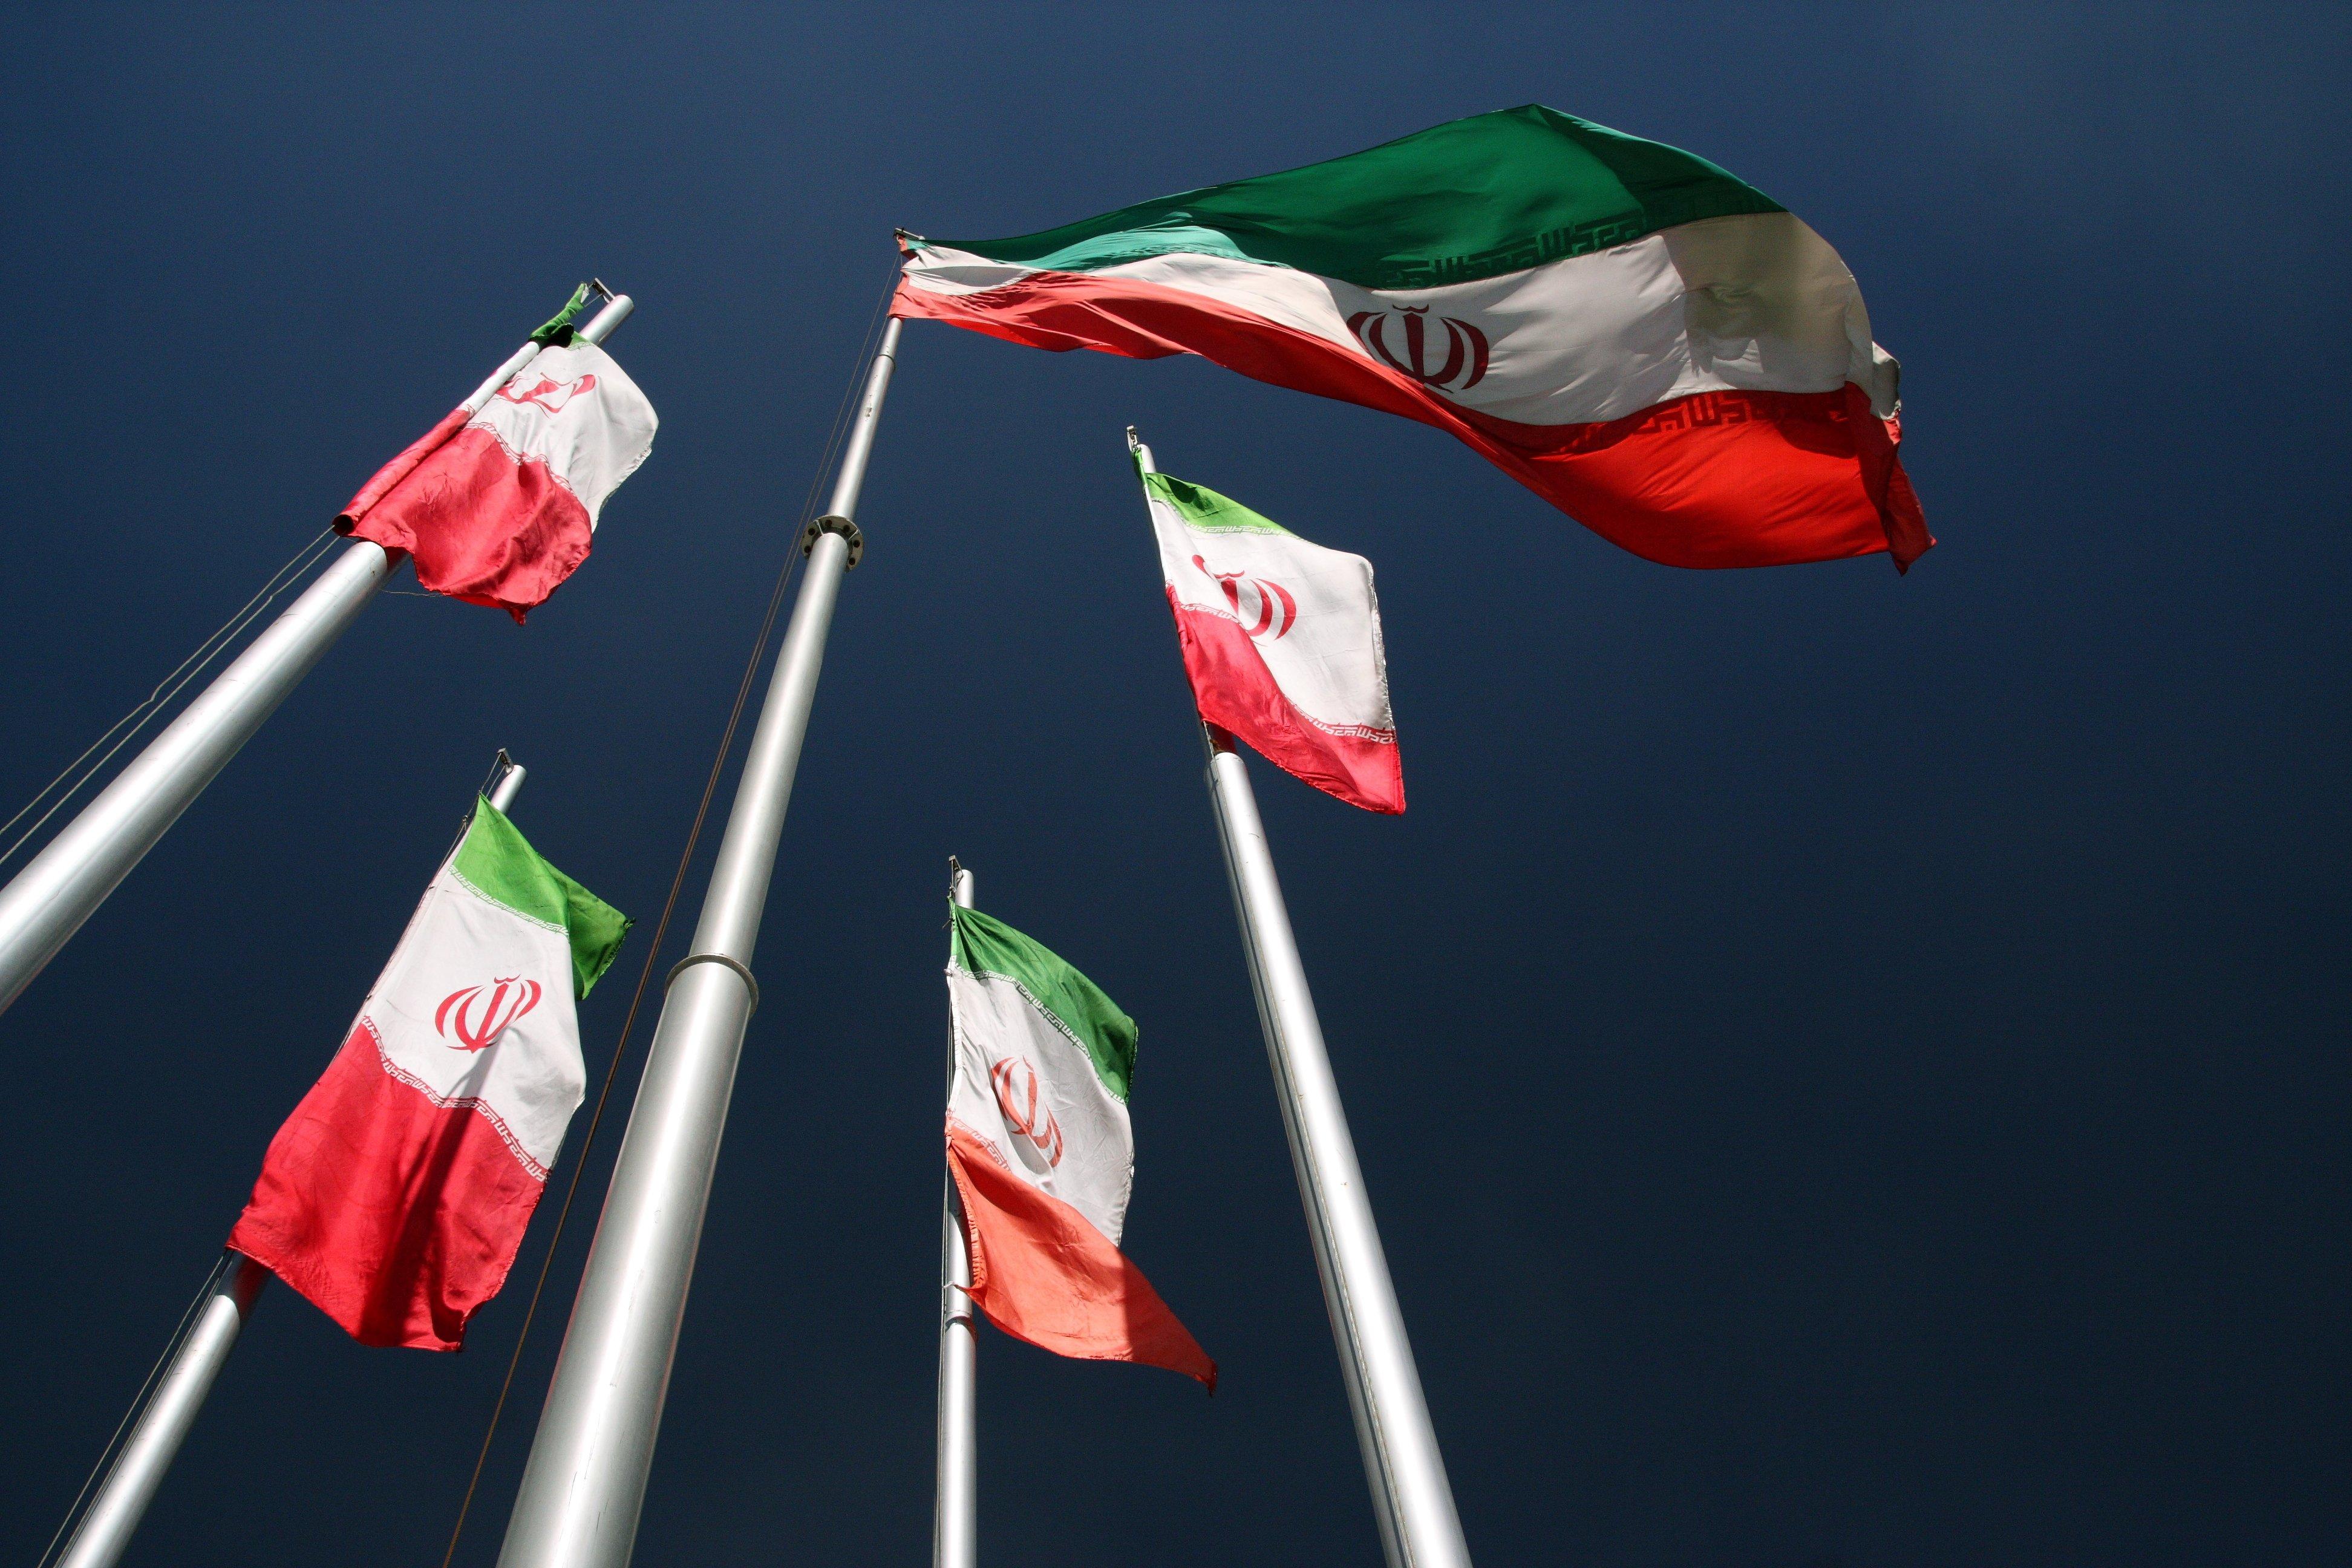 Behesht-e_Zahra,_Tehran,_Iran_(5072246576)